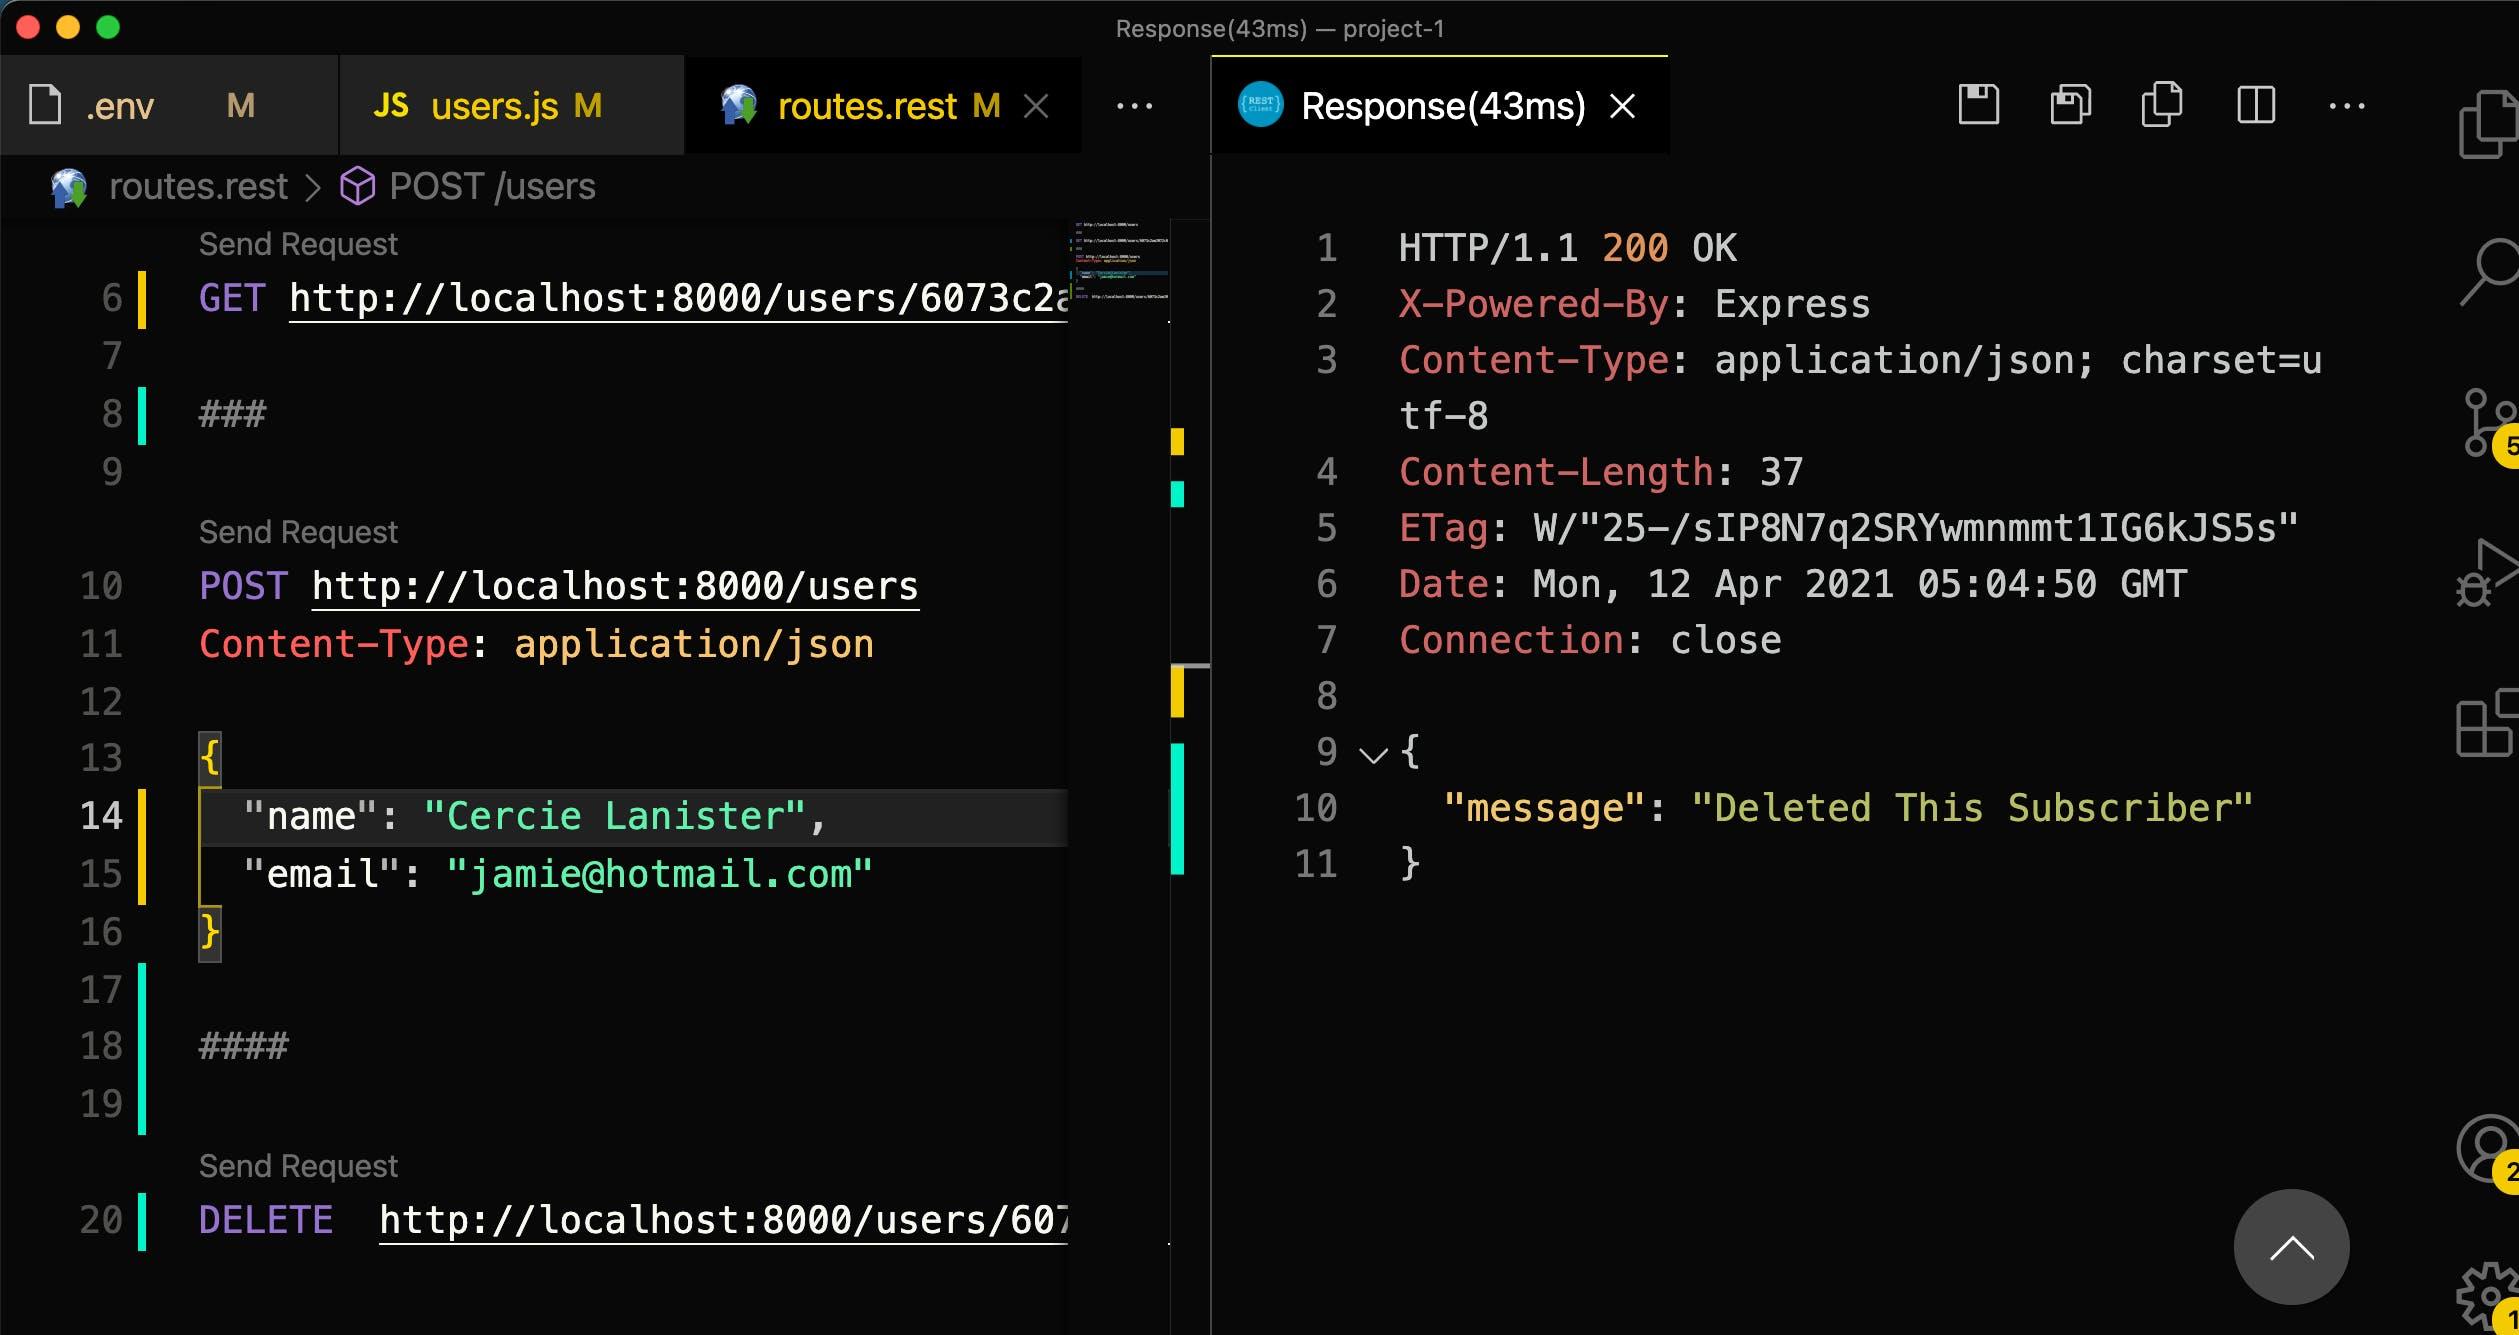 Screenshot 2021-04-12 at 06.05.06.png